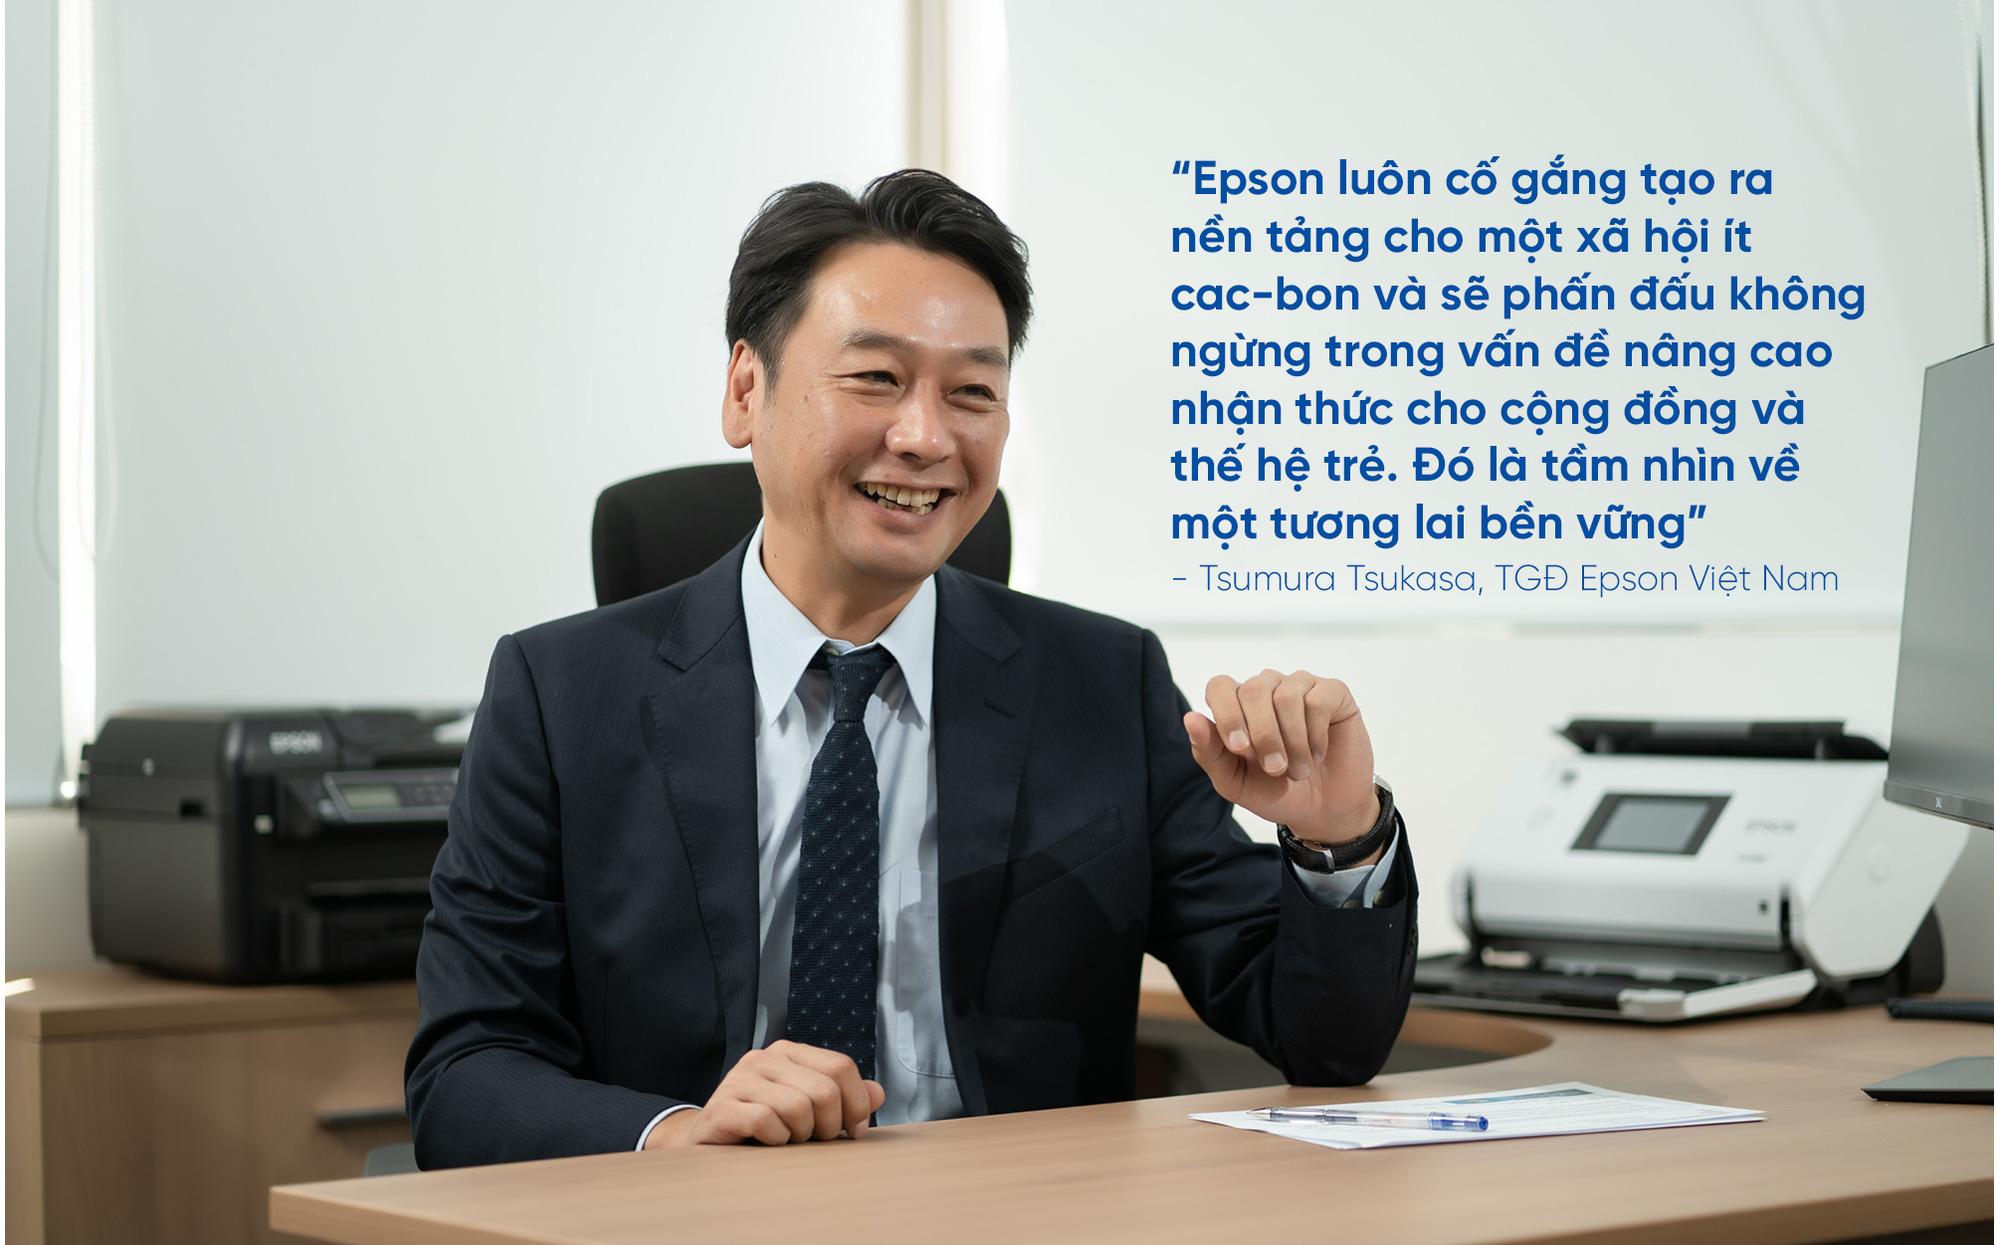 """CEO Epson Việt Nam: """"Chúng tôi đồng hành cùng doanh nghiệp Việt Nam hướng đến phát triển bền vững"""" - Ảnh 11."""